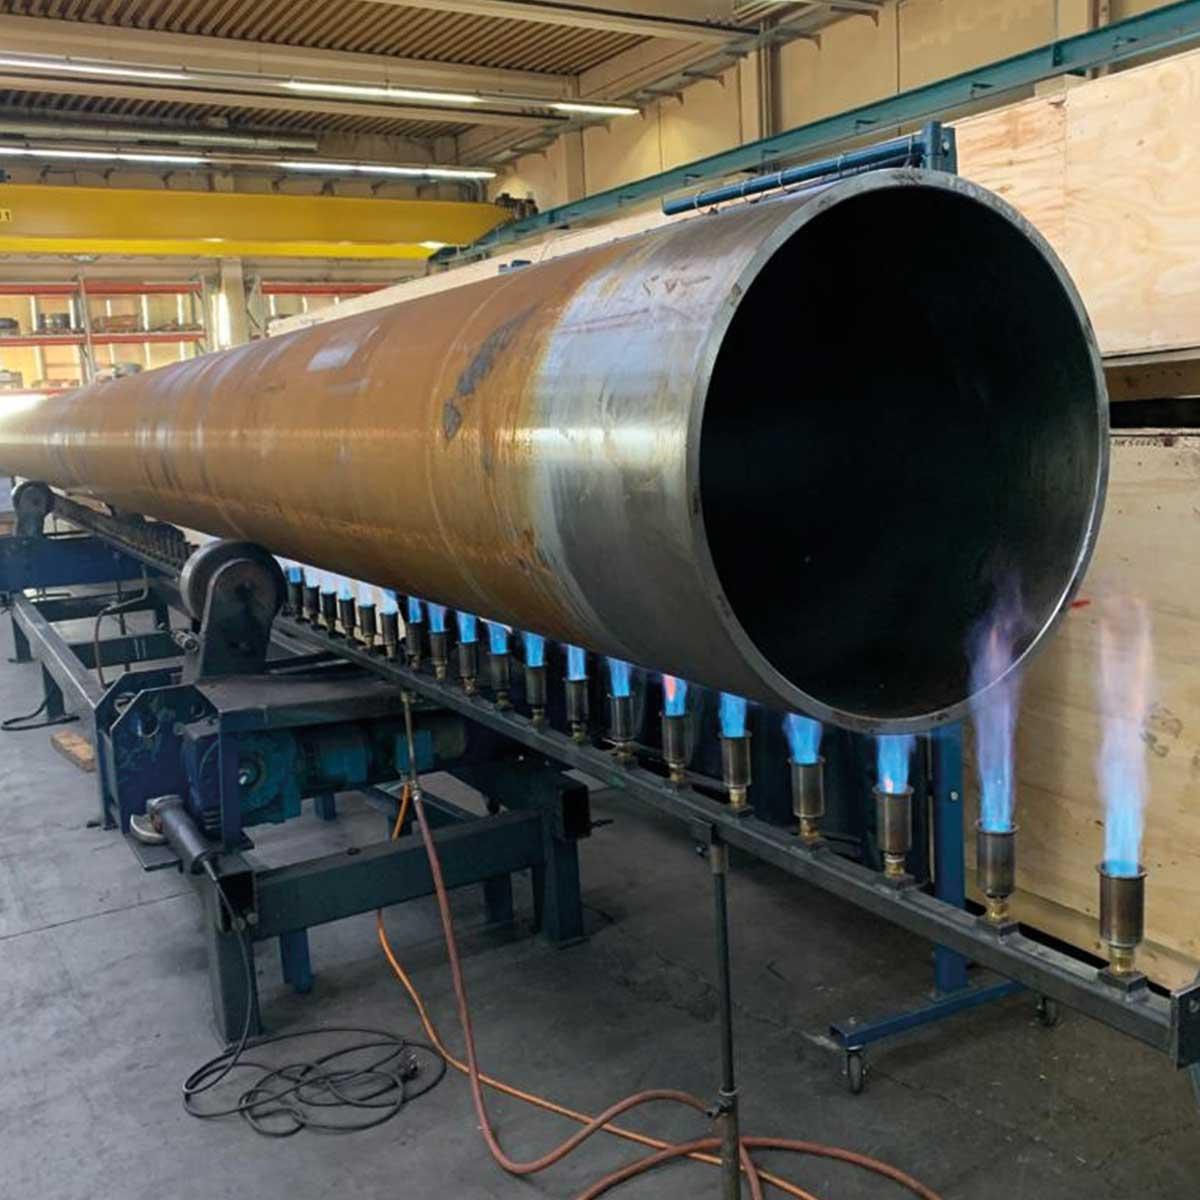 Flüssiggas als Energiequelle in der Industrie